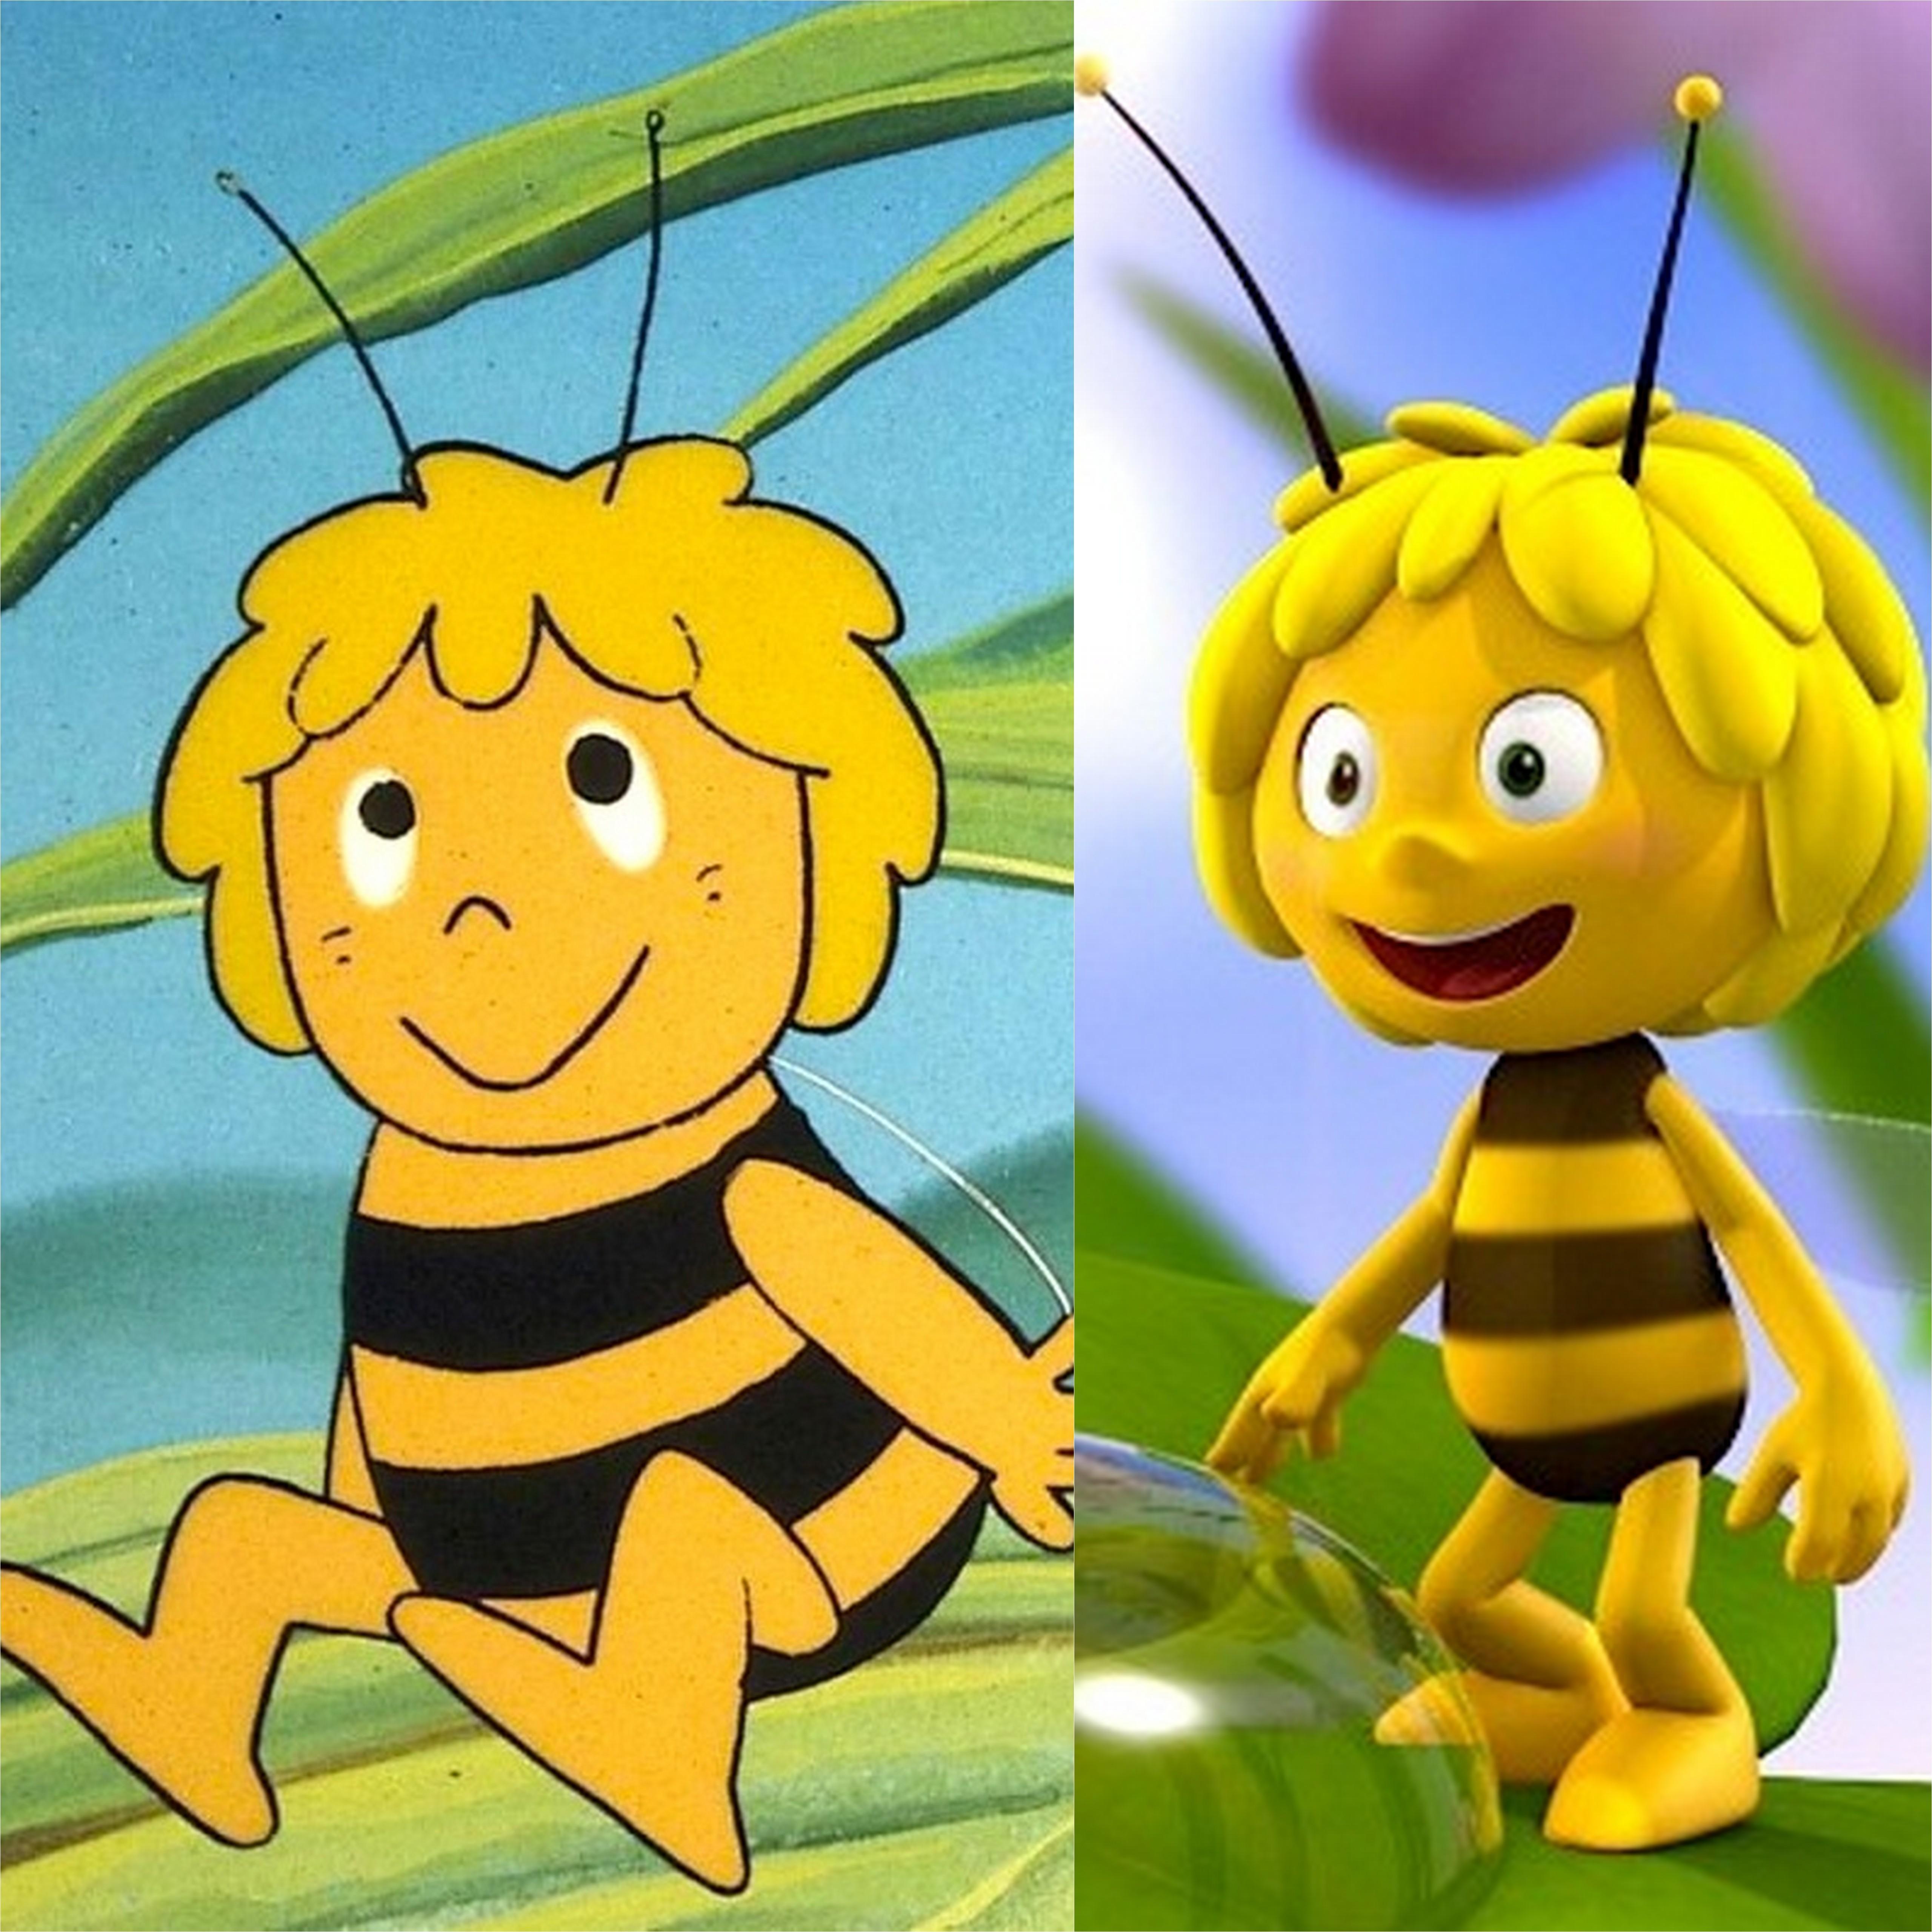 Ist diese Topmodel-Biene noch unsere  Maja? Eure